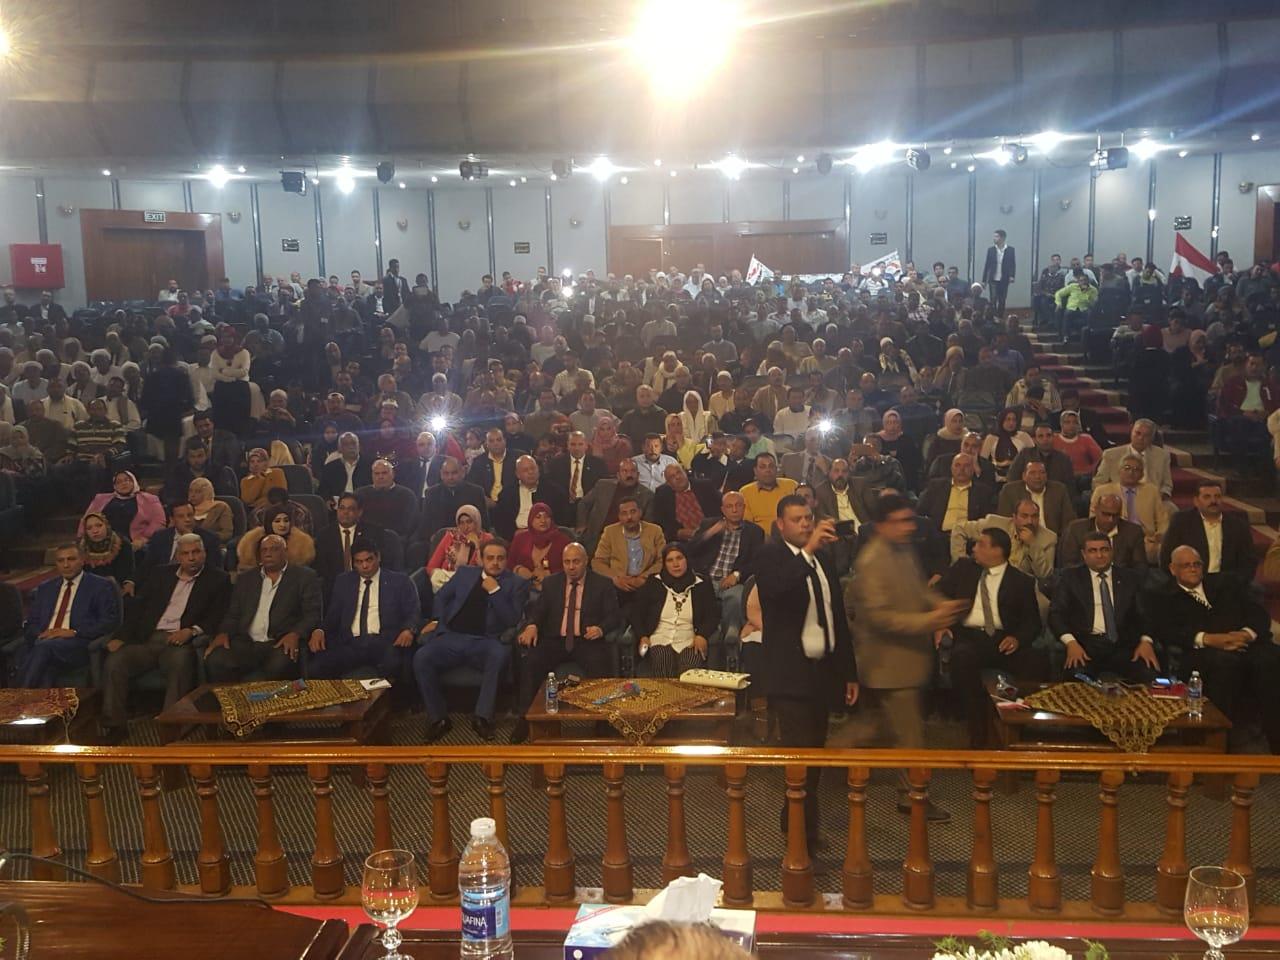 مؤتمر لحزب الحربة لدعم التعديلات الدستورية 2